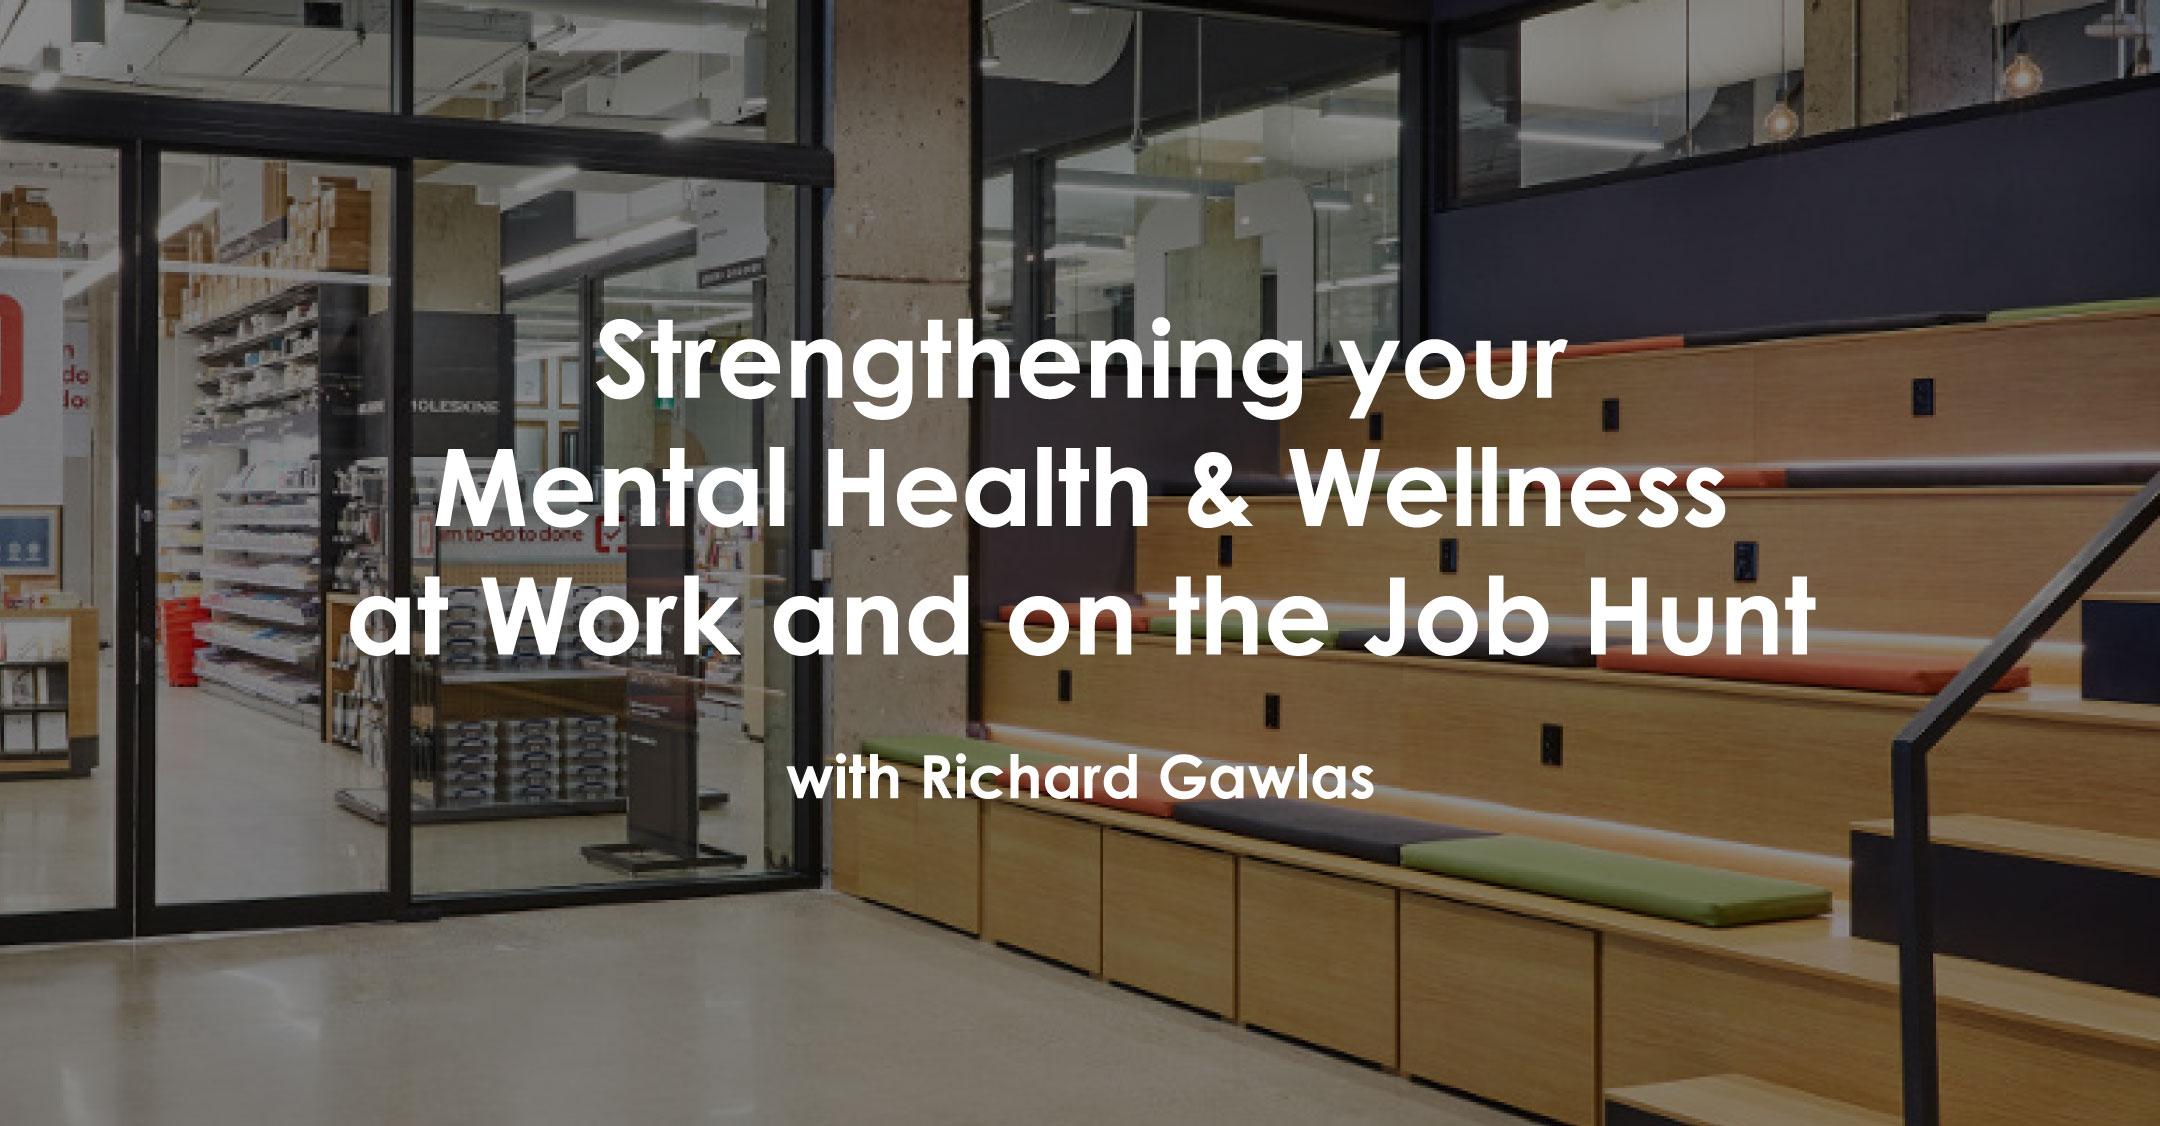 staples_strengthen_wellness_banner.jpg